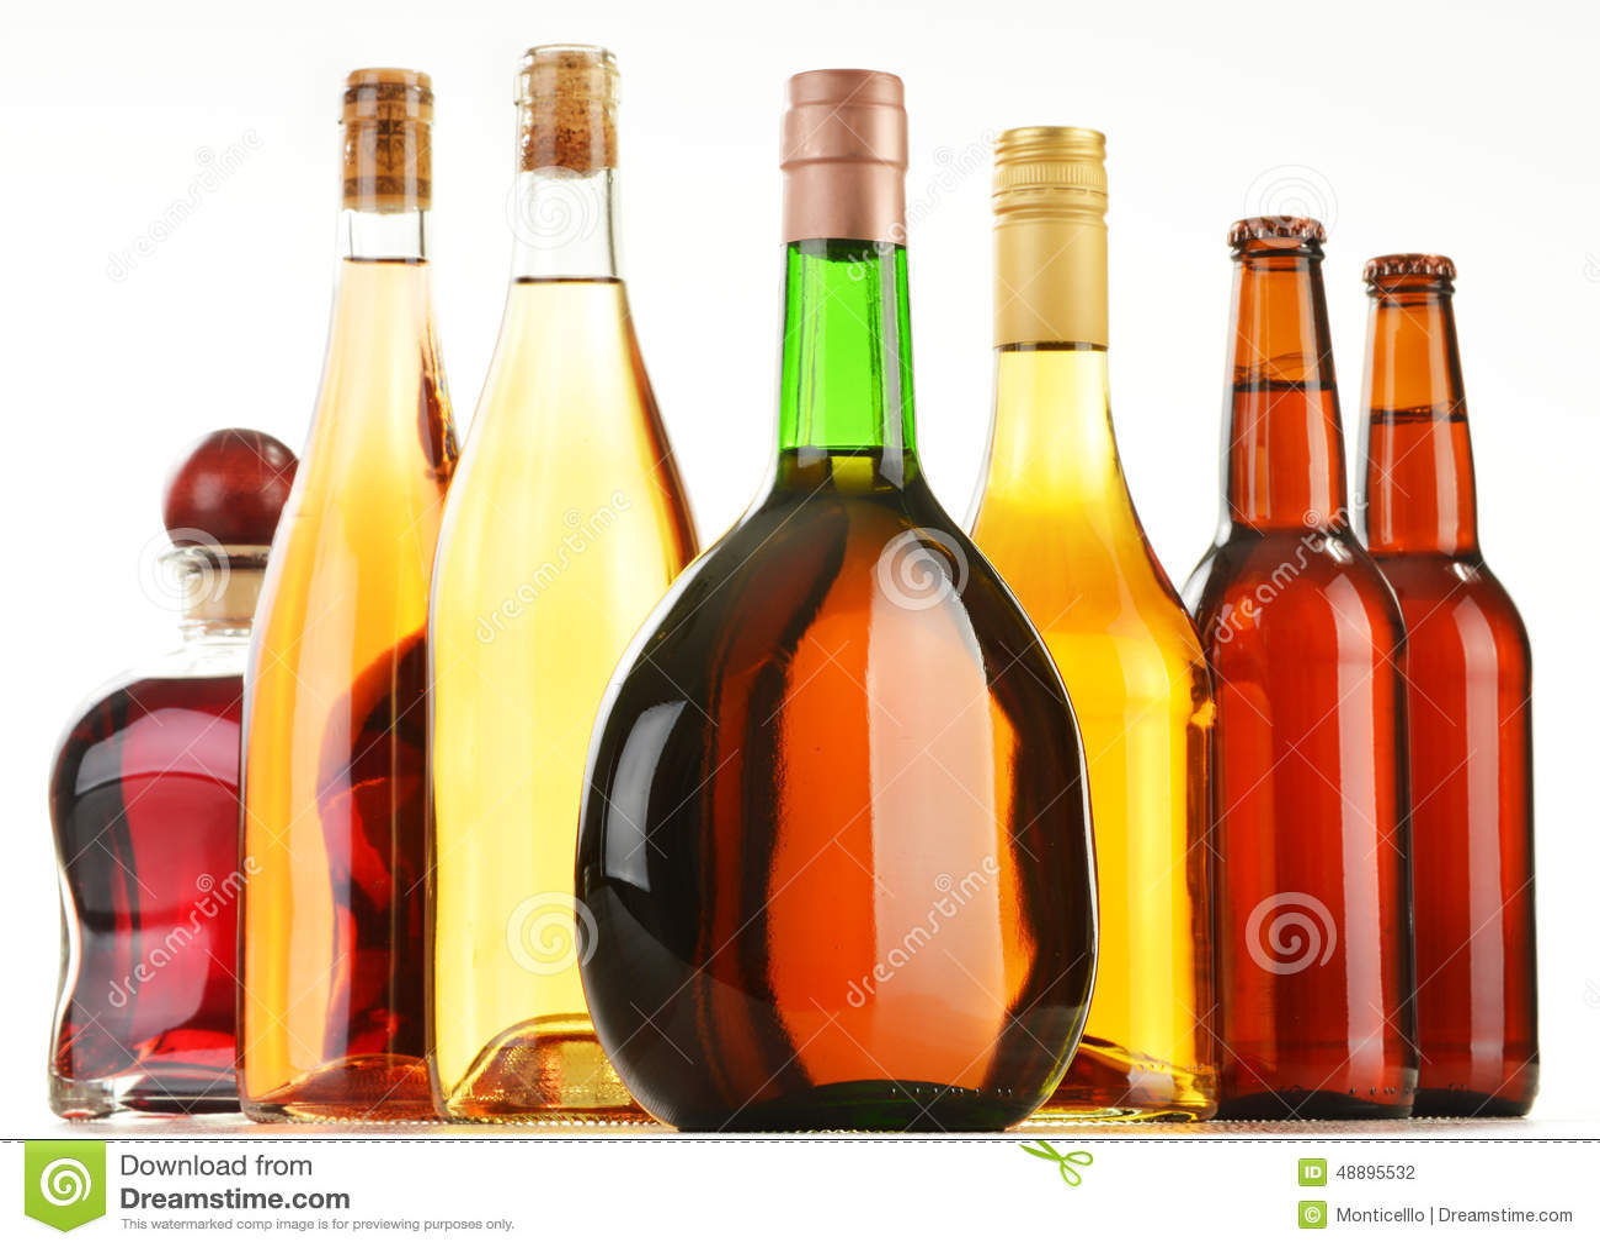 Flaschen Sortierte Alkoholische Getränke Auf Weiß Stockfoto - Bild ...